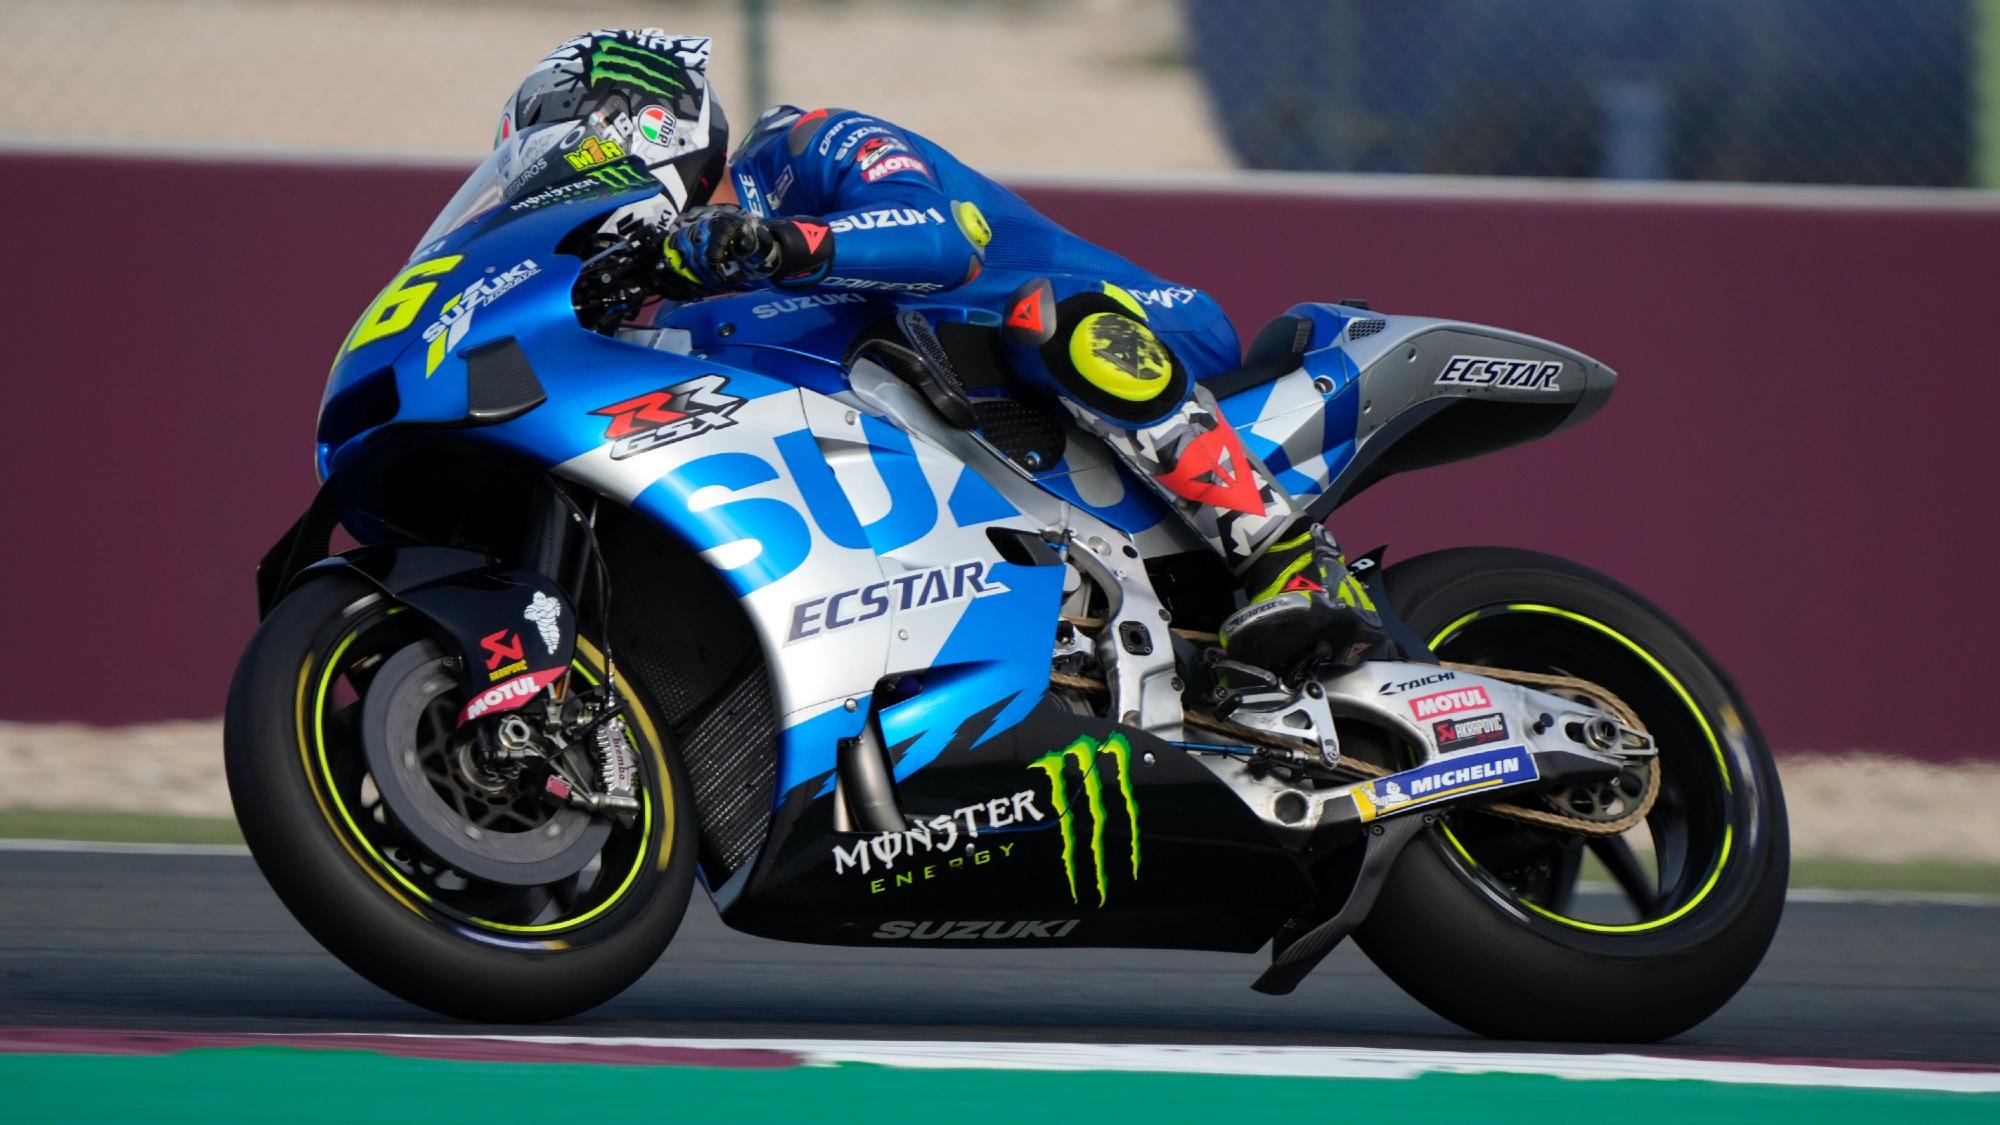 Joan Mir MotoGP 2021 Testing